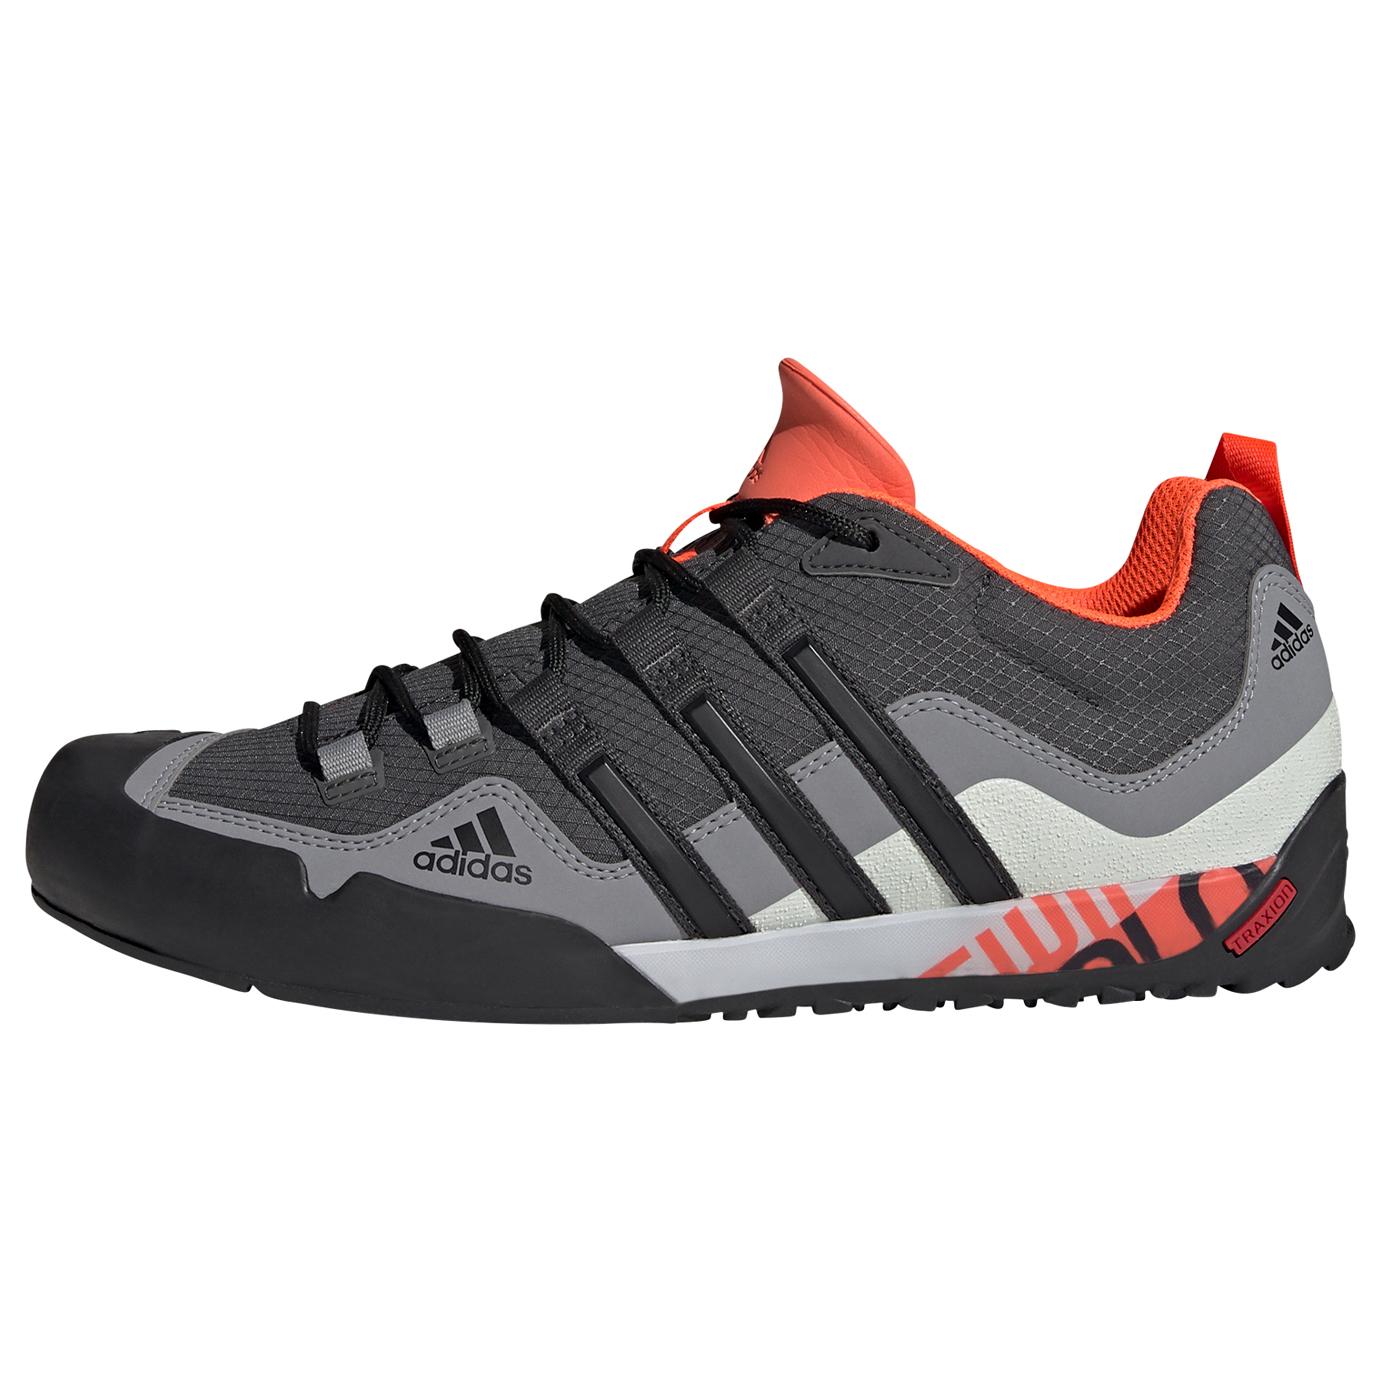 adidas mtb scarpe